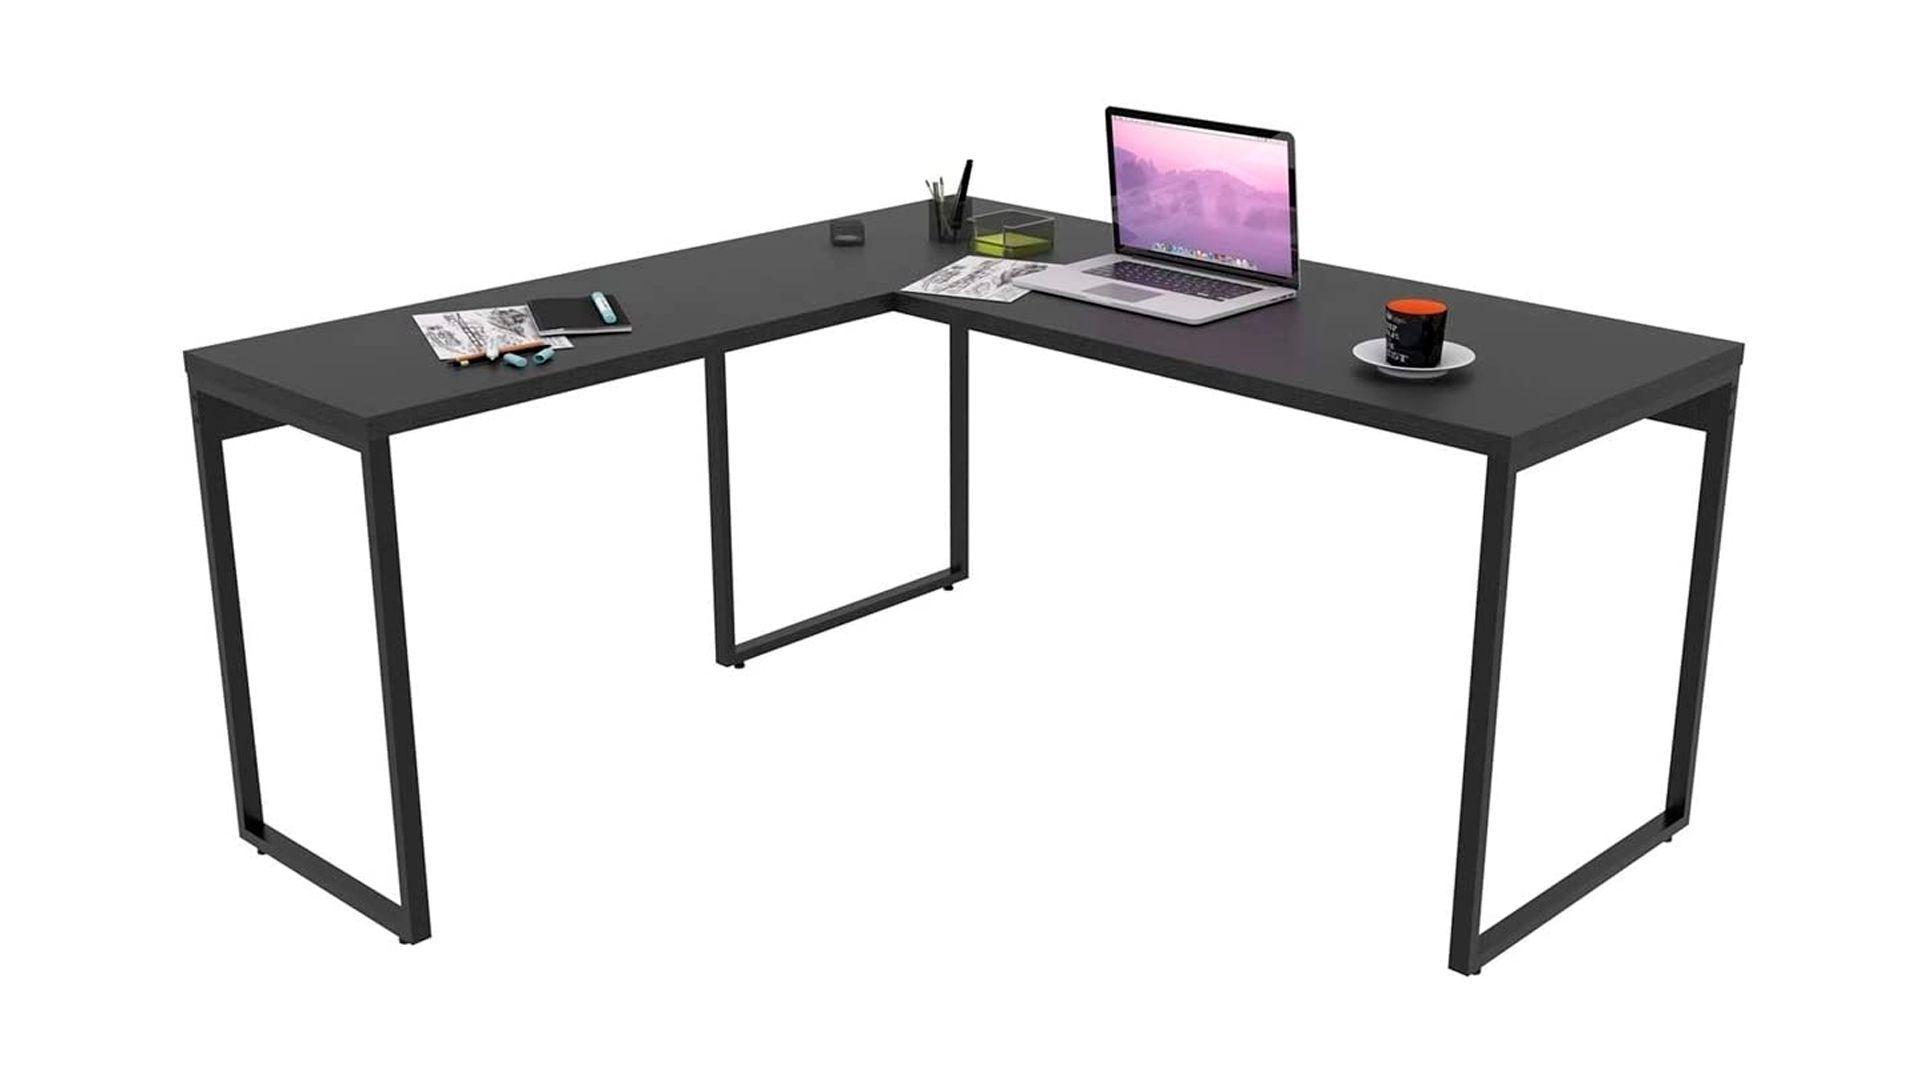 Mesa para computador Trevalla Kuadra preta em fundo branco